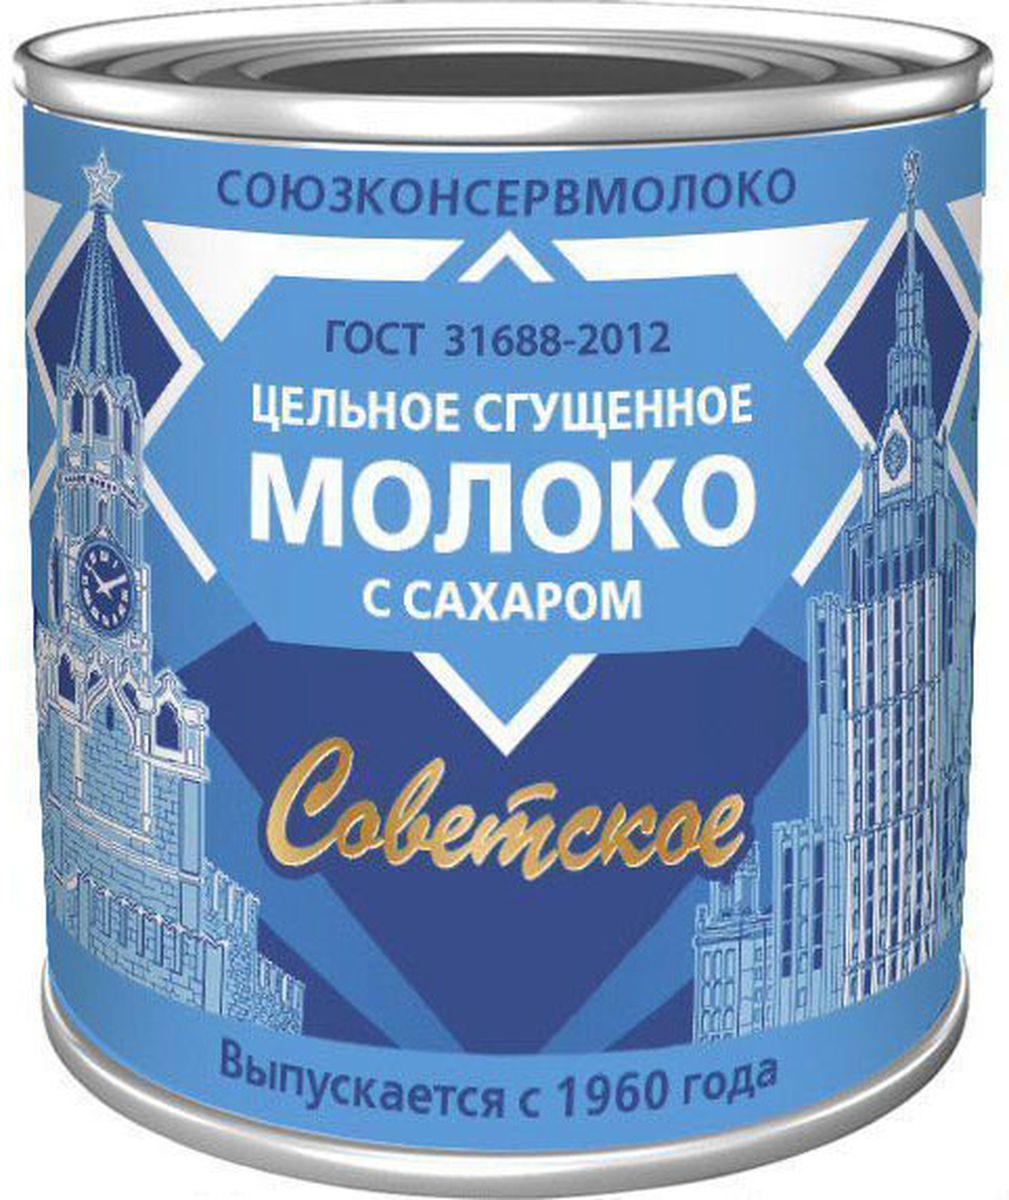 Союзконсервмолоко Советское молоко сгущенное, 380 г все цены